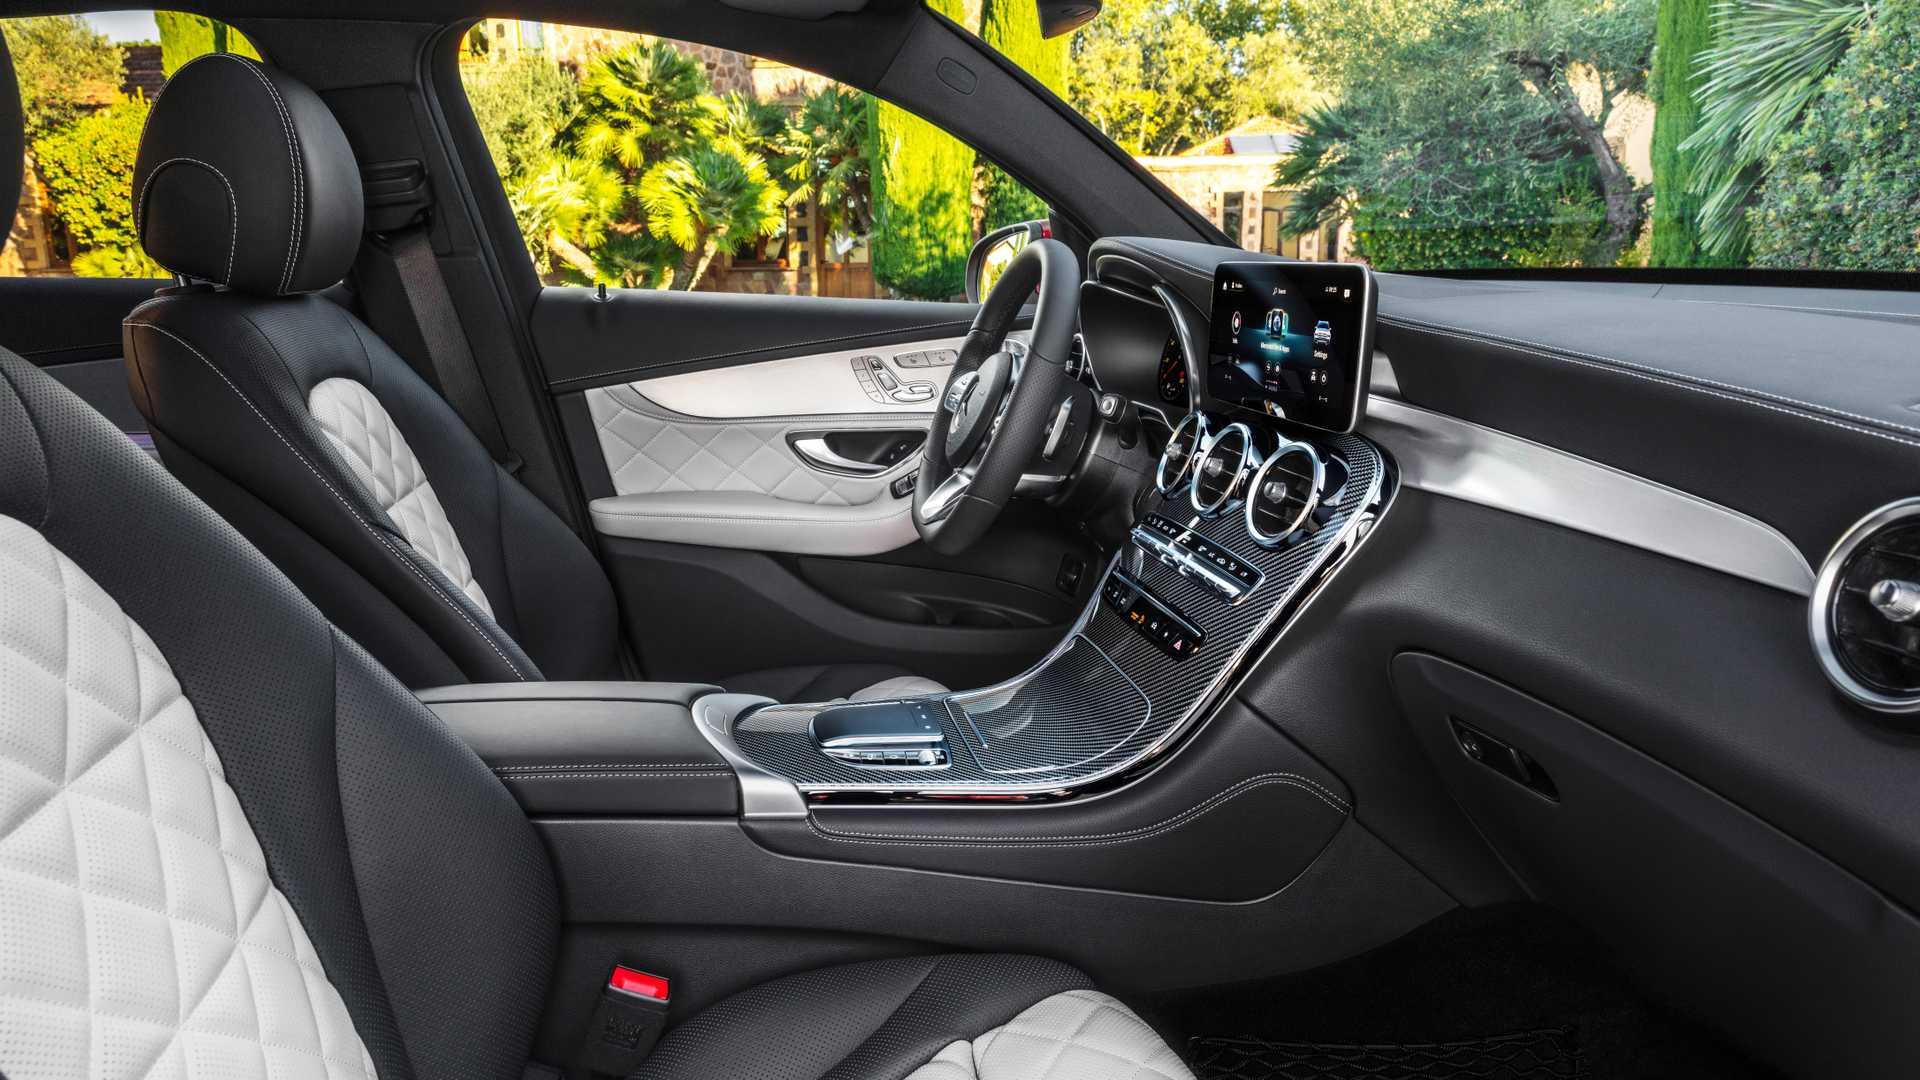 Mercedes Glc Coupe 2019 Interior 02